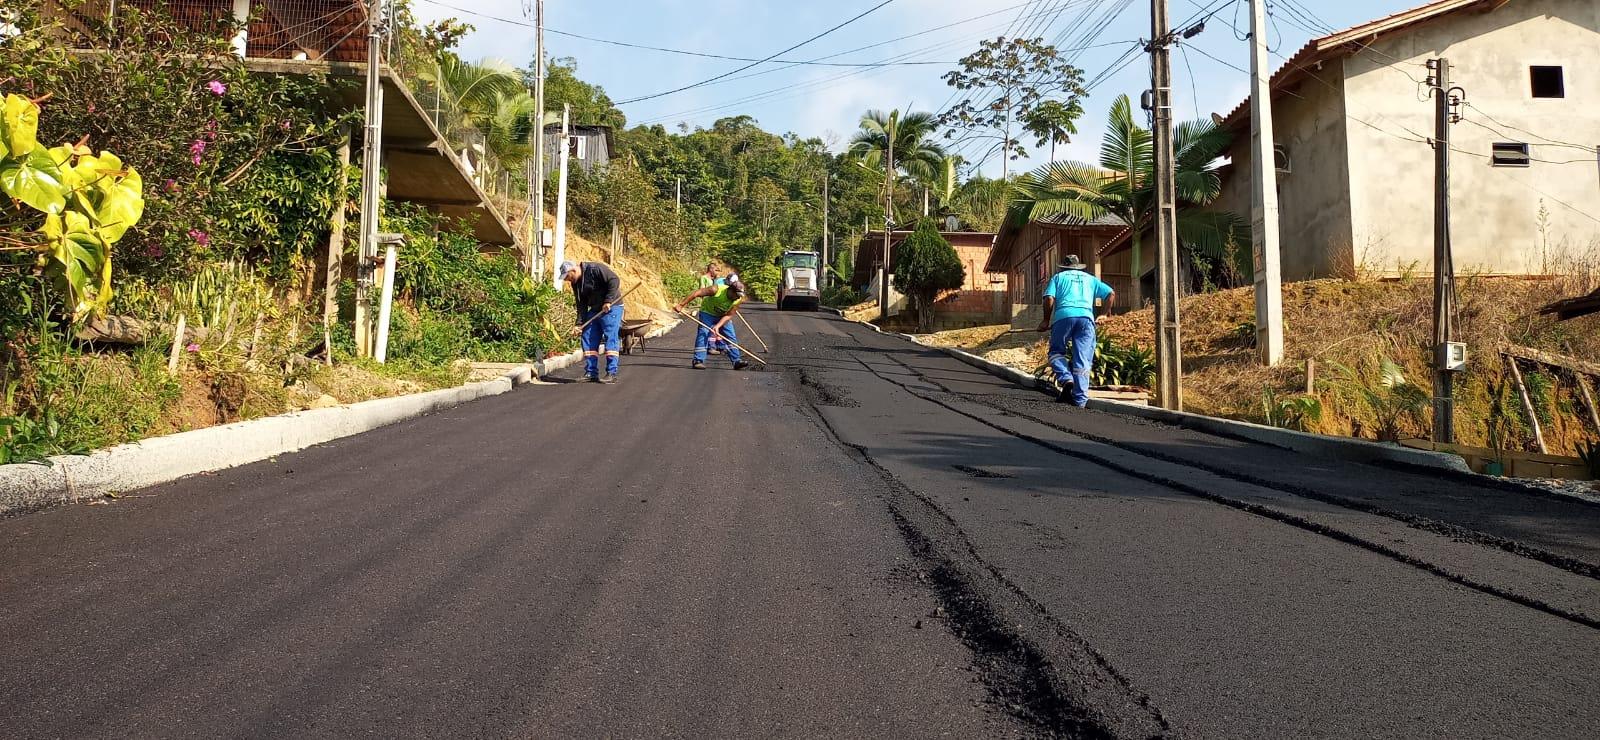 Ruas DJ 24 e Arlindo Brogni, no bairro Dom Joaquim, recebem pavimentação